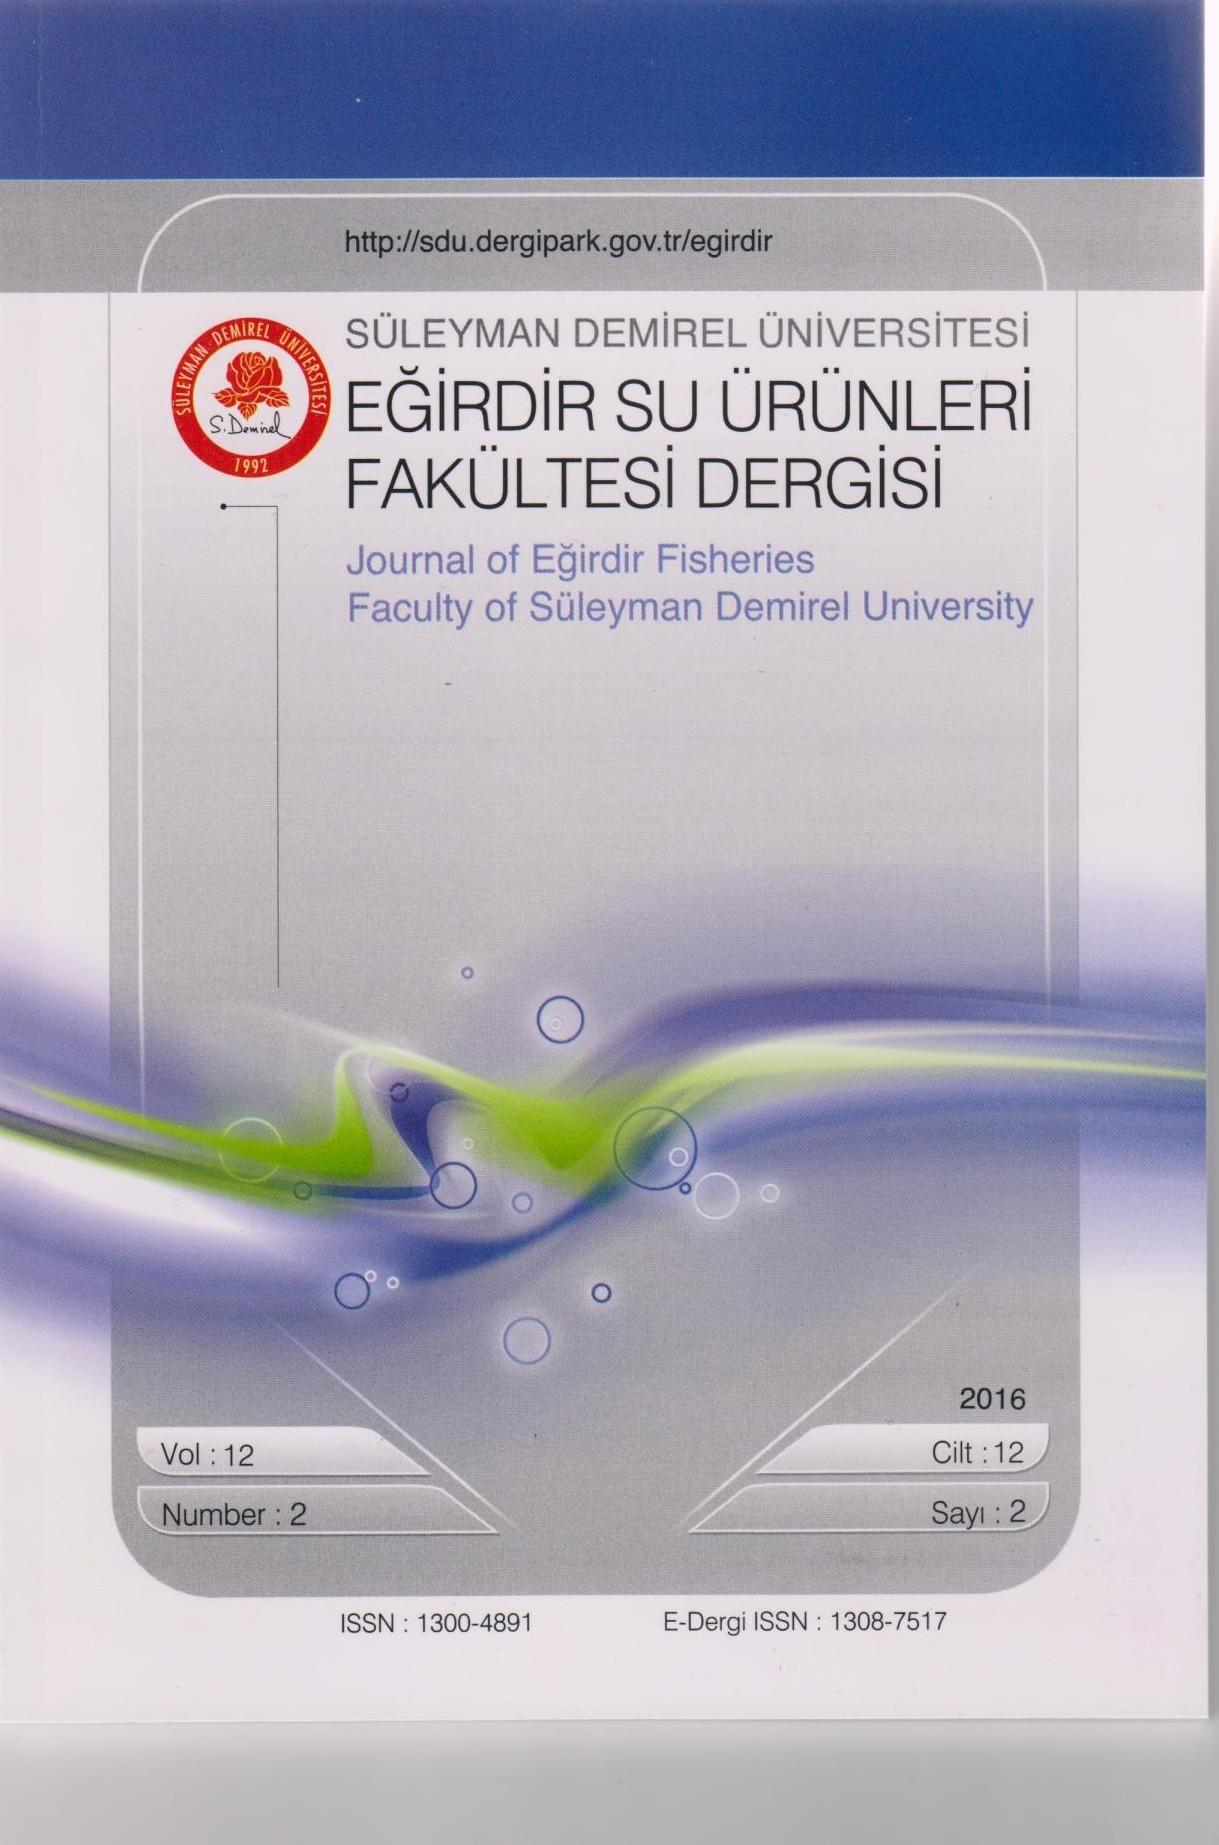 Süleyman Demirel Üniversitesi Eğirdir Su Ürünleri Fakültesi Dergisi